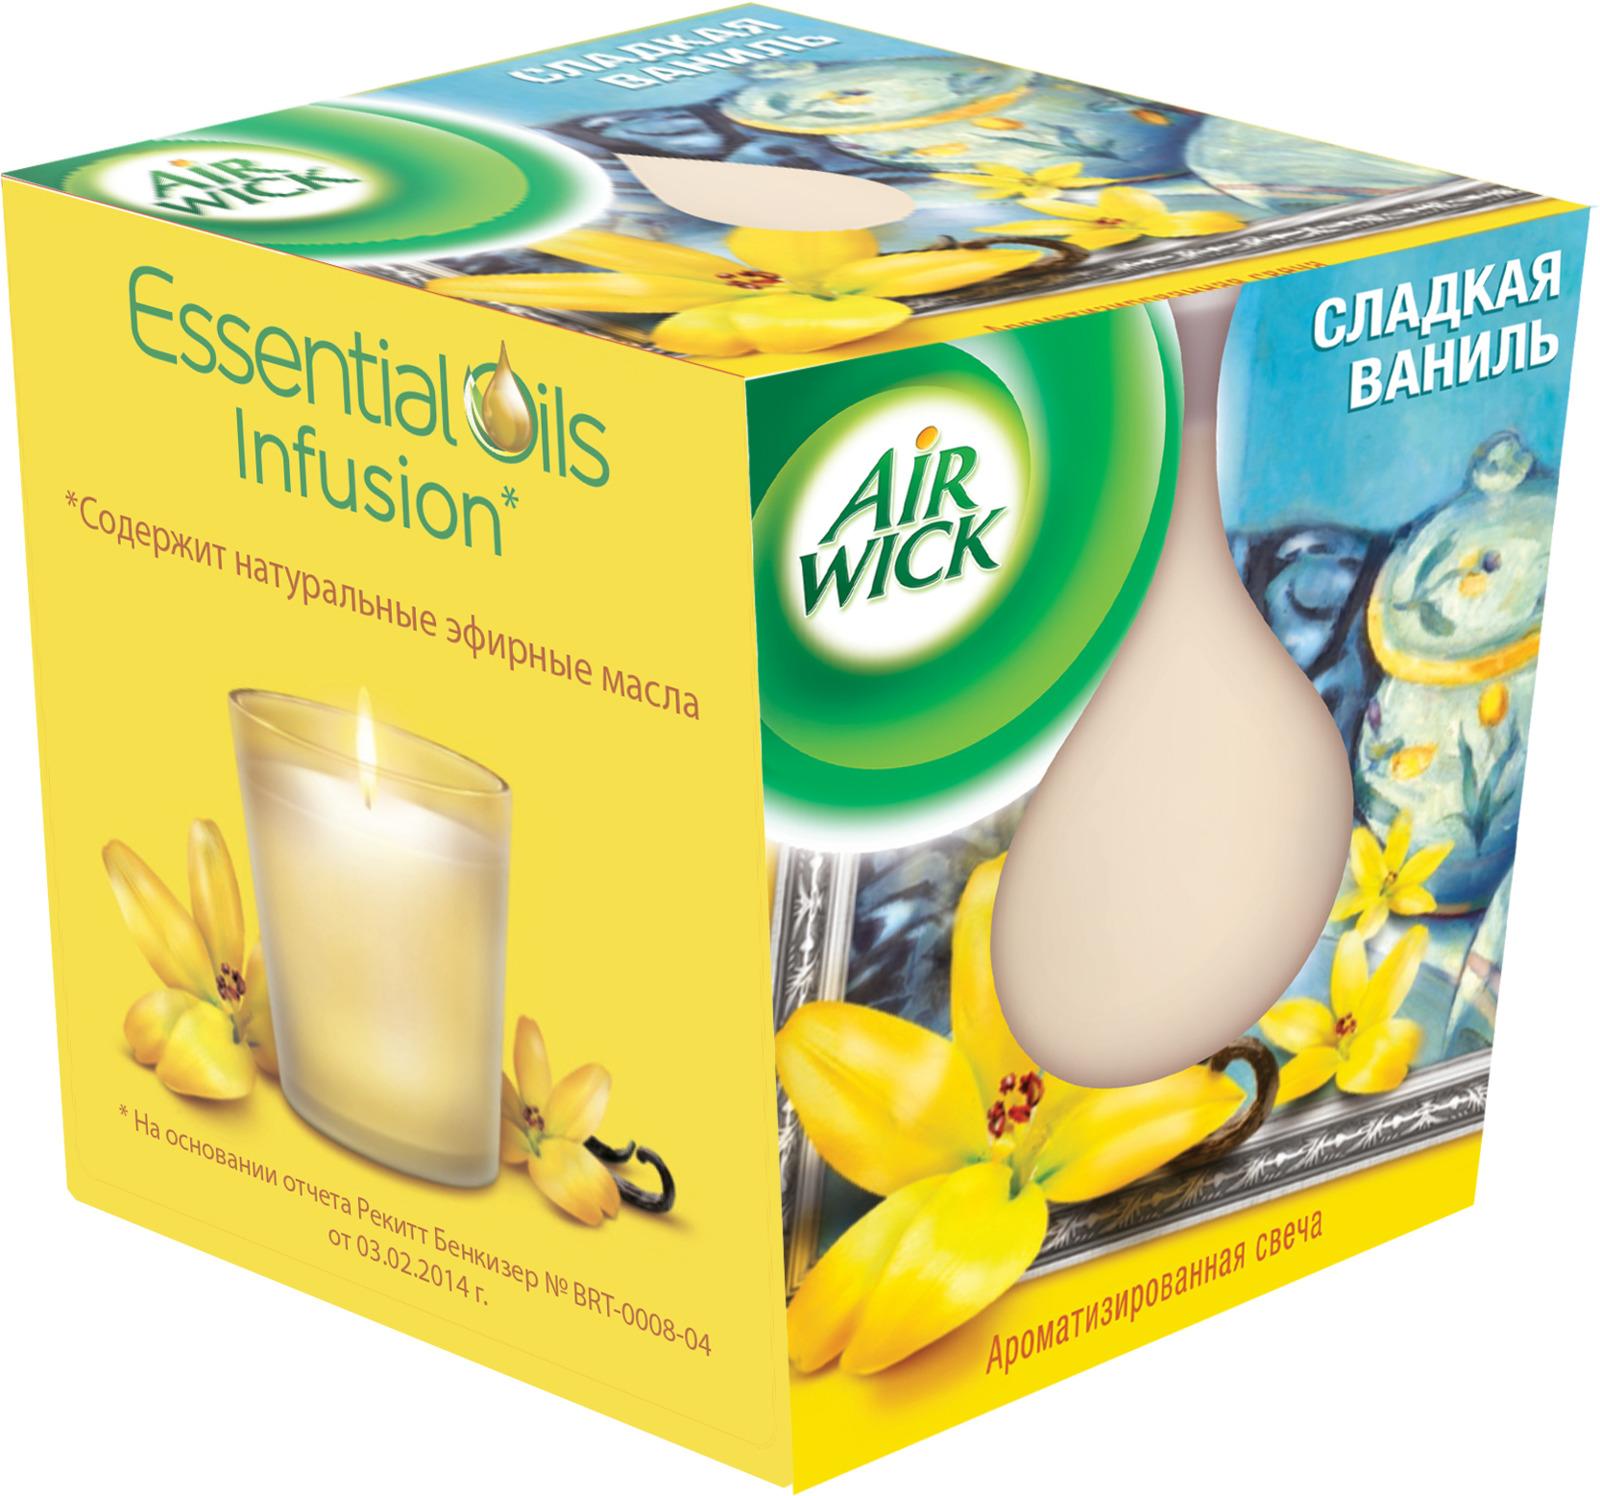 Свеча ароматизированная AirWick Сладкая ваниль, 105 г21839Ароматизированная свеча AirWick наполнит вашу комнату роскошным ароматом и создаст в ней уютную атмосферу. Вы сможете насладиться согревающим ароматом ванили в сочетании с древесными нотками. Свеча помещена в подсвечник, выполненный из прозрачного стекла в виде небольшого стакана. Серия AirWick содержит натуральные экстракты растений, цветов и фруктов, известные своим положительным воздействием на человека. Уникальные композиции ароматов AirWick помогают создать настроение в вашем доме. Состав: 30% и более парафины, воск, эфирное масло, ароматизатор, цитронеллол, бутилфенил метилпропиональ, линалоол. Материал подсвечника: стекло. Высота свечи (с учетом подсвечника): 7,5 см. Диаметр основания (с учетом подсвечника): 7 см. Уважаемые клиенты! Обращаем ваше внимание на возможные изменения в дизайне упаковки. Поставка осуществляется в зависимости от наличия на складе. Рекомендуем!